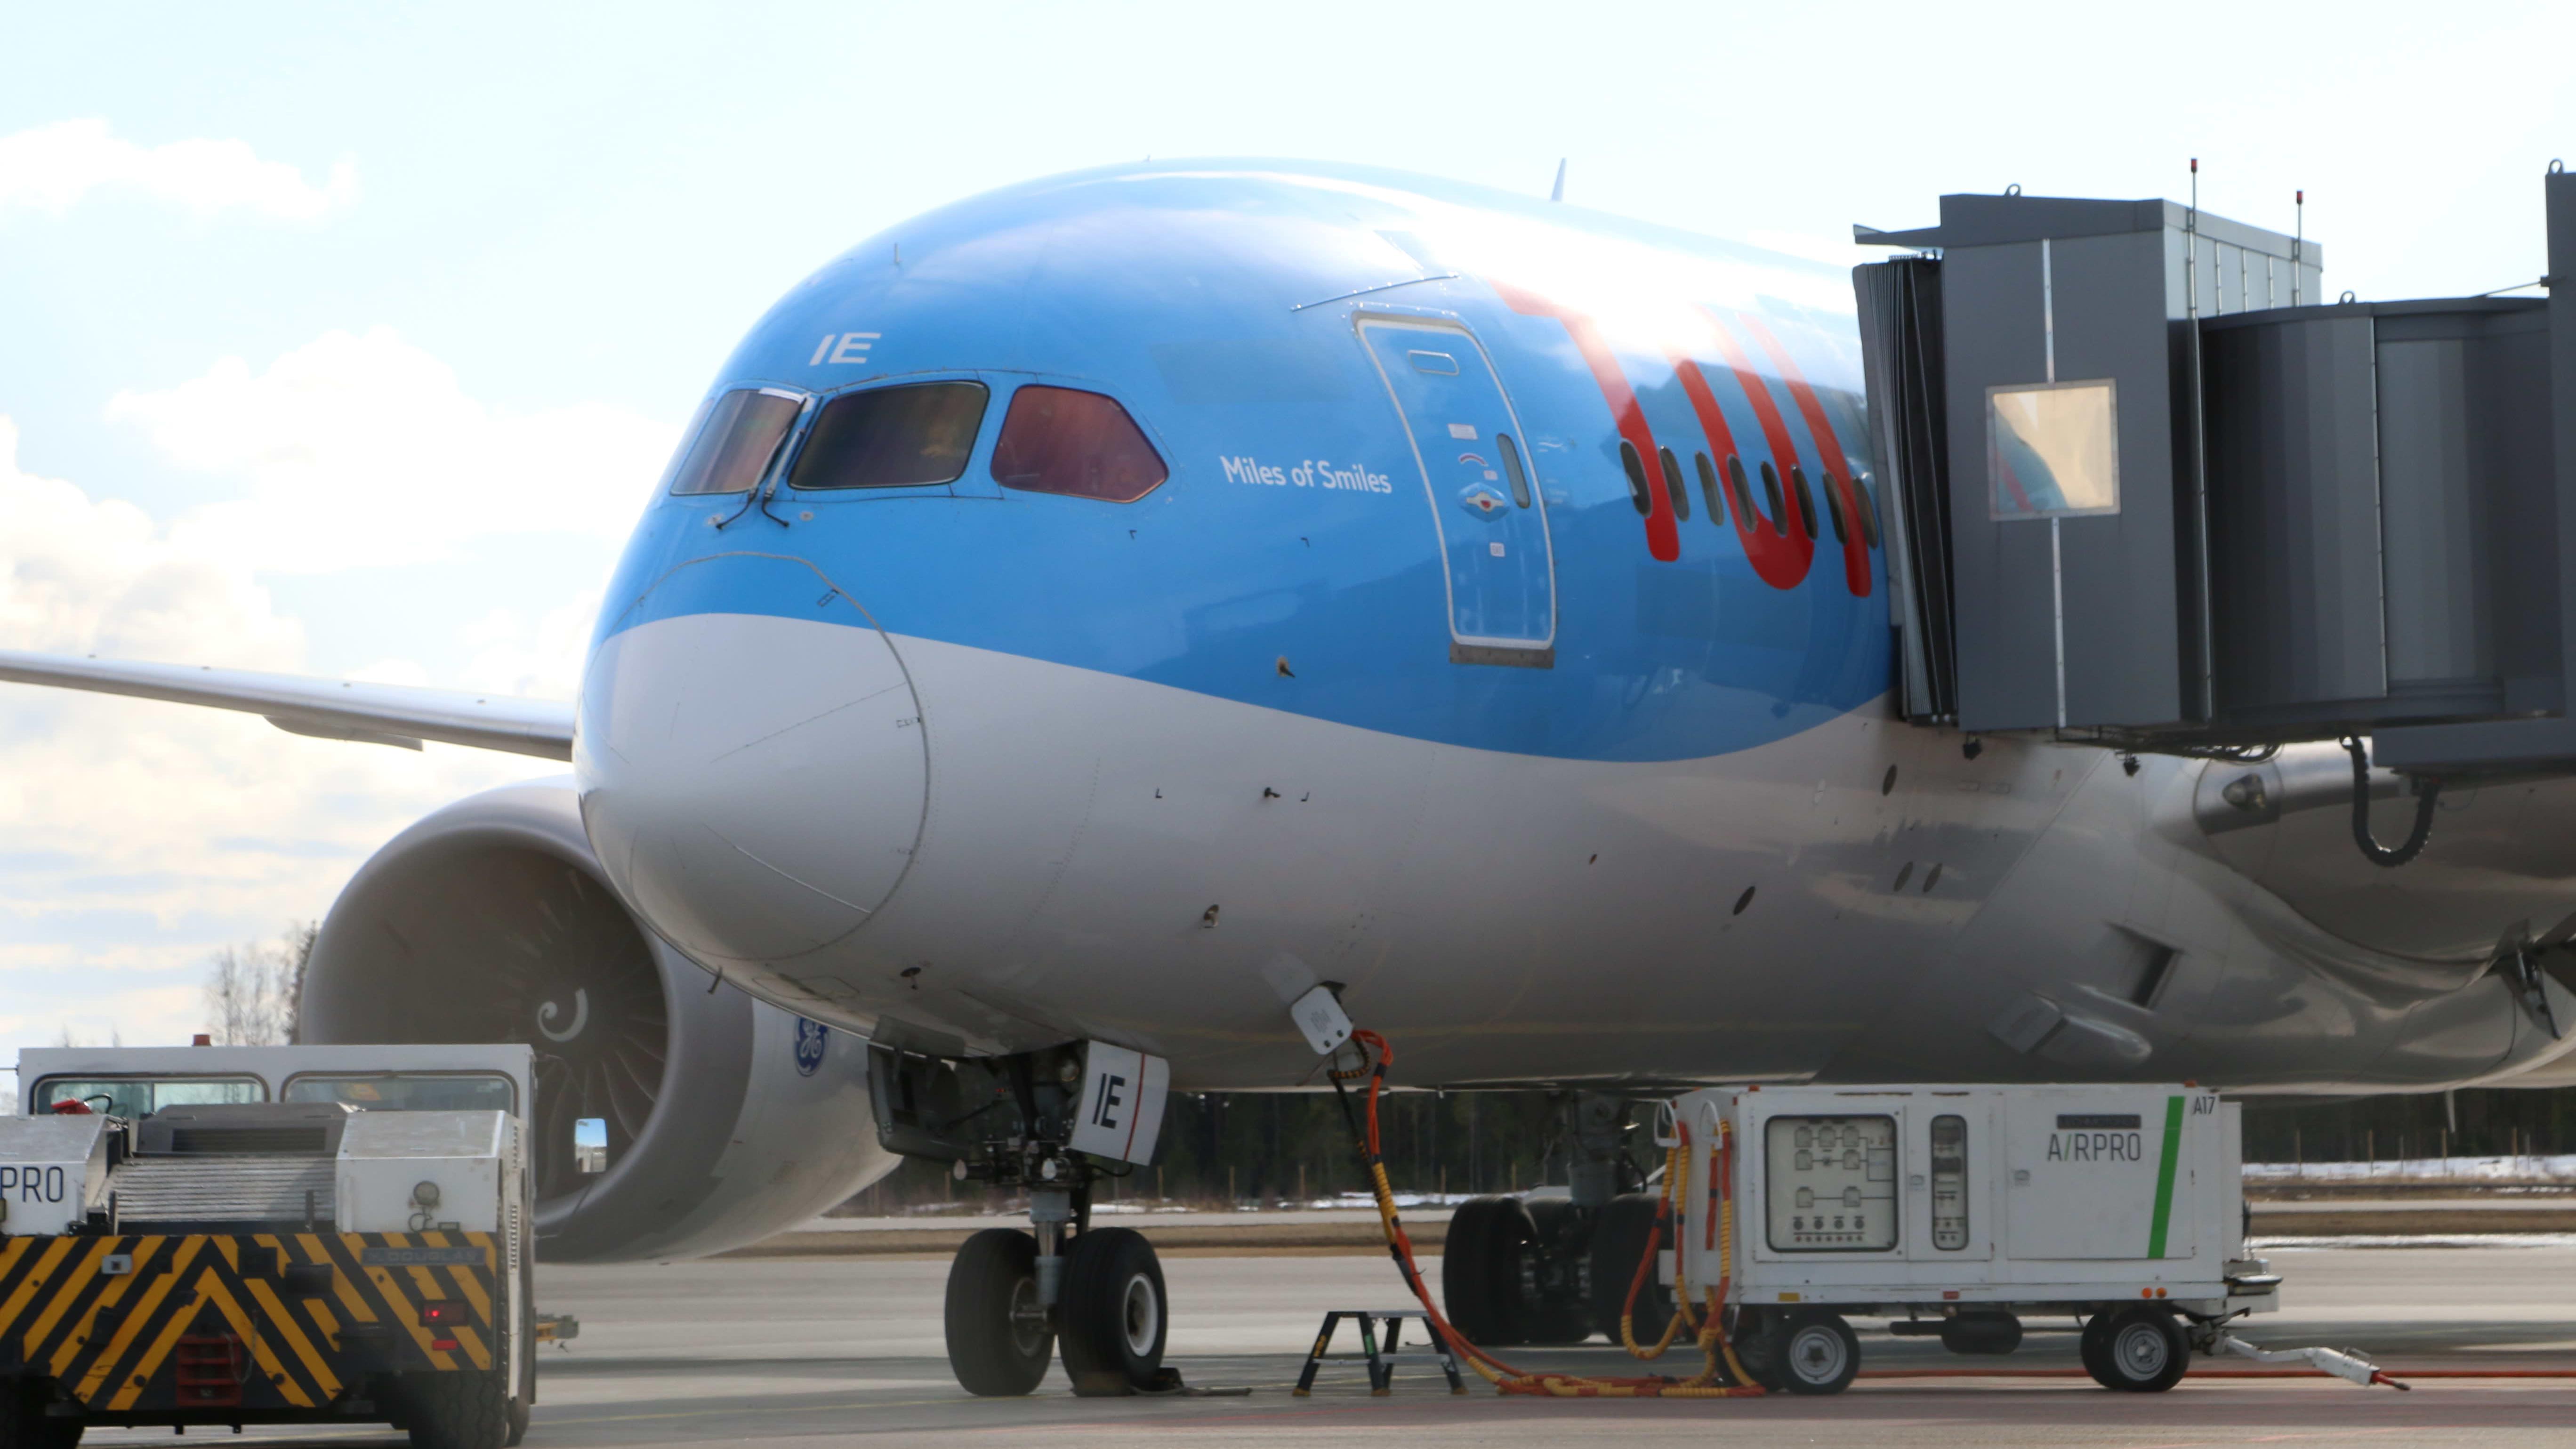 Thaimaasta palannut lentokone Oulun lentoasemalla.